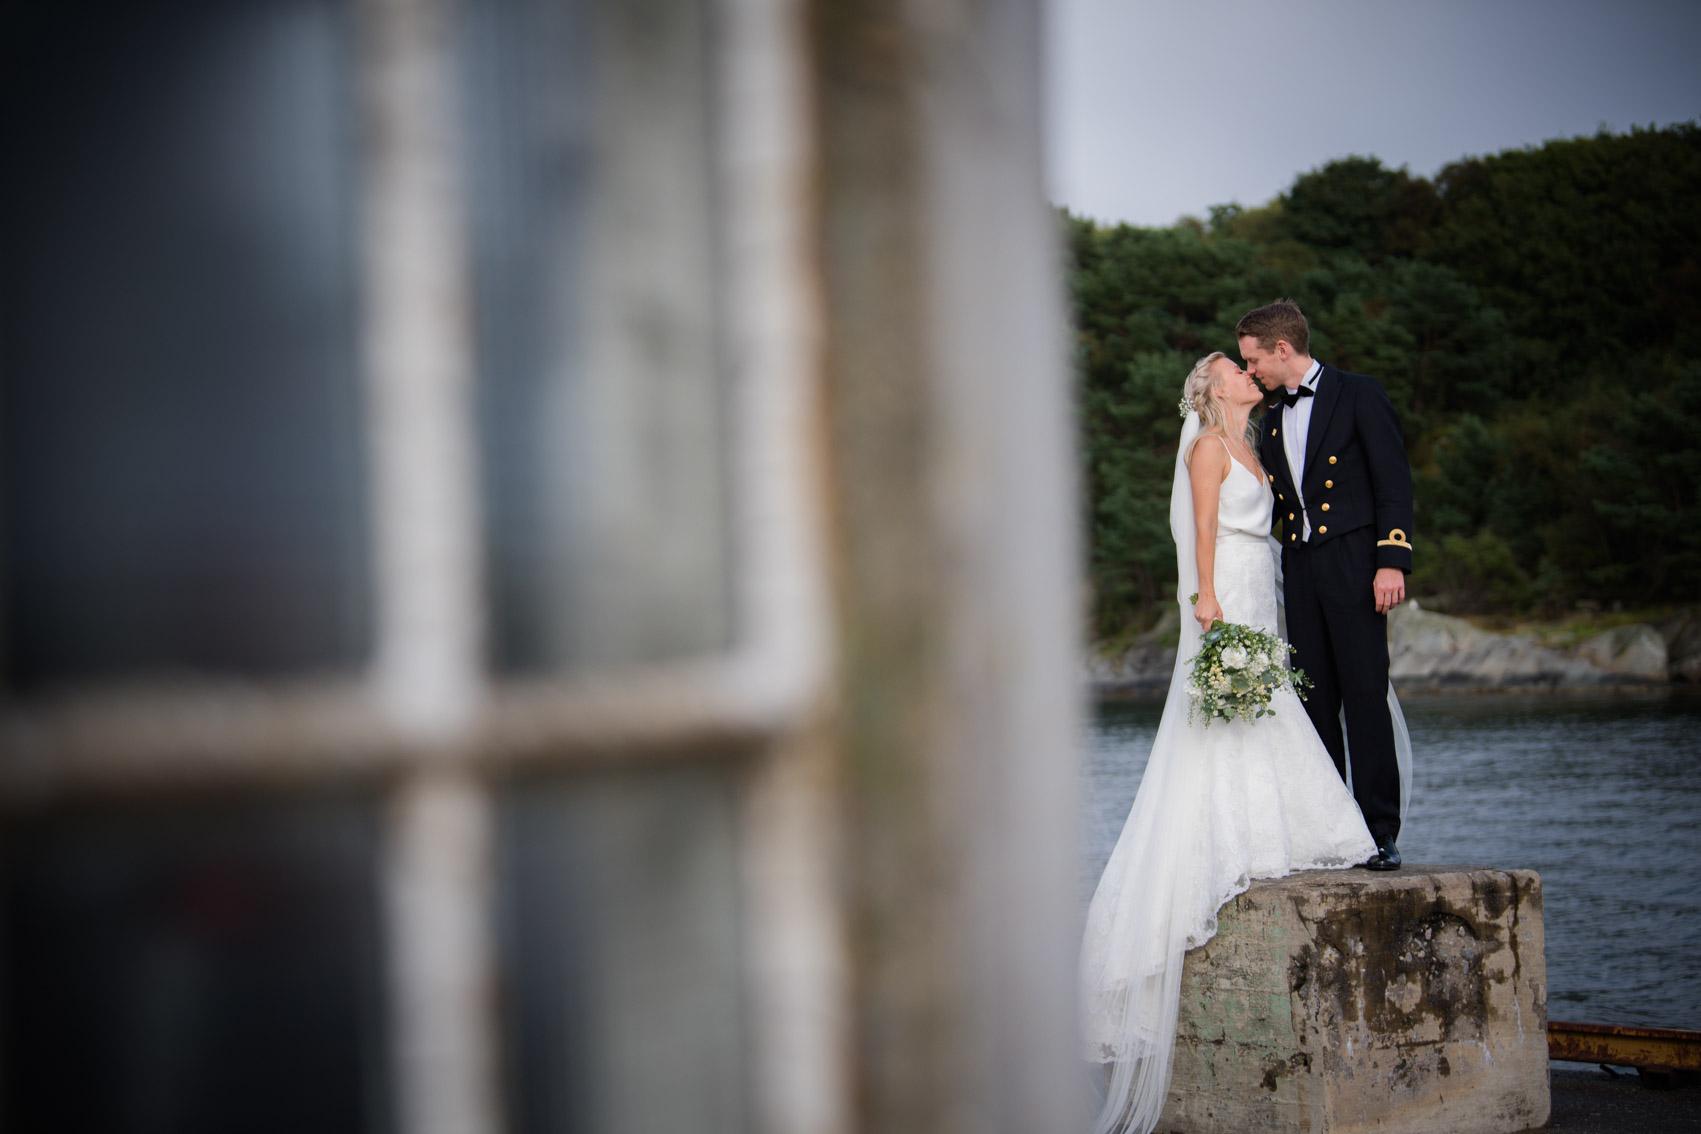 fotograf-tønsberg-bryllup-bryllupsfotograf-5.jpg